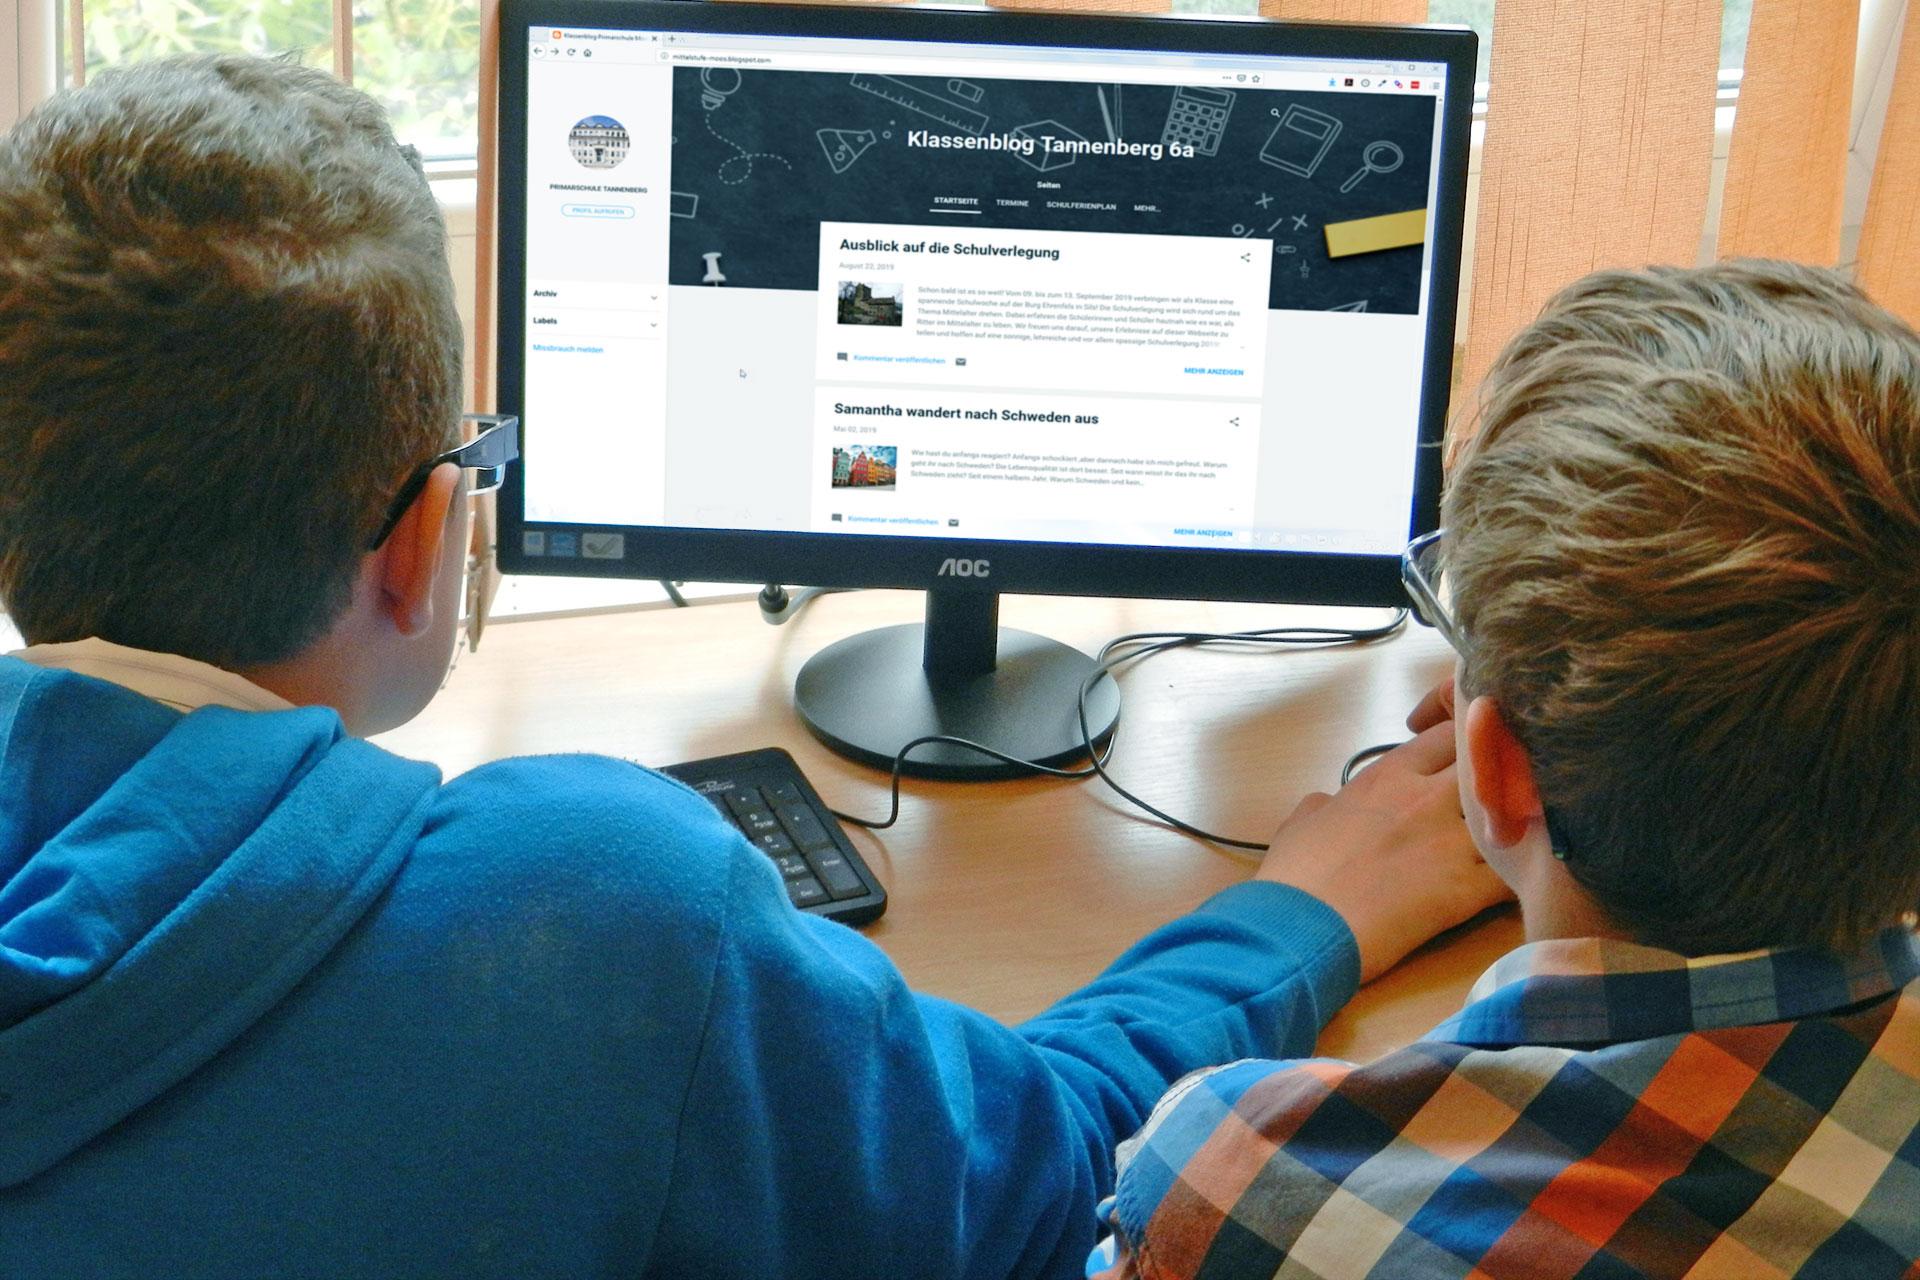 zwei Jungen arbeiten am Klassenblog auf einem Computer im Schulzimmer